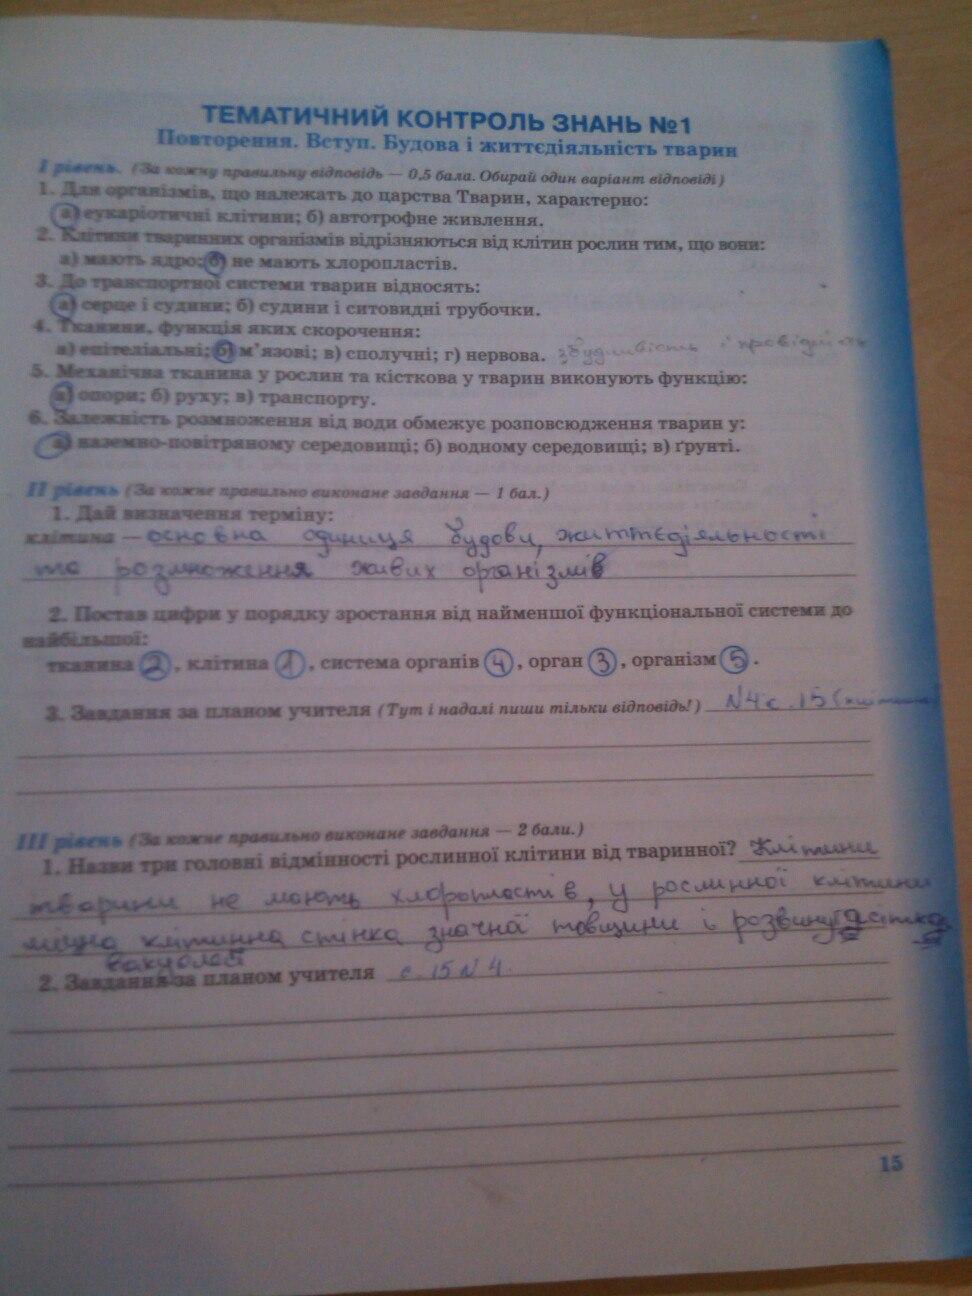 ГДЗ відповіді робочий зошит по биологии 8 класс О.В. Князева. Задание: стр. 15